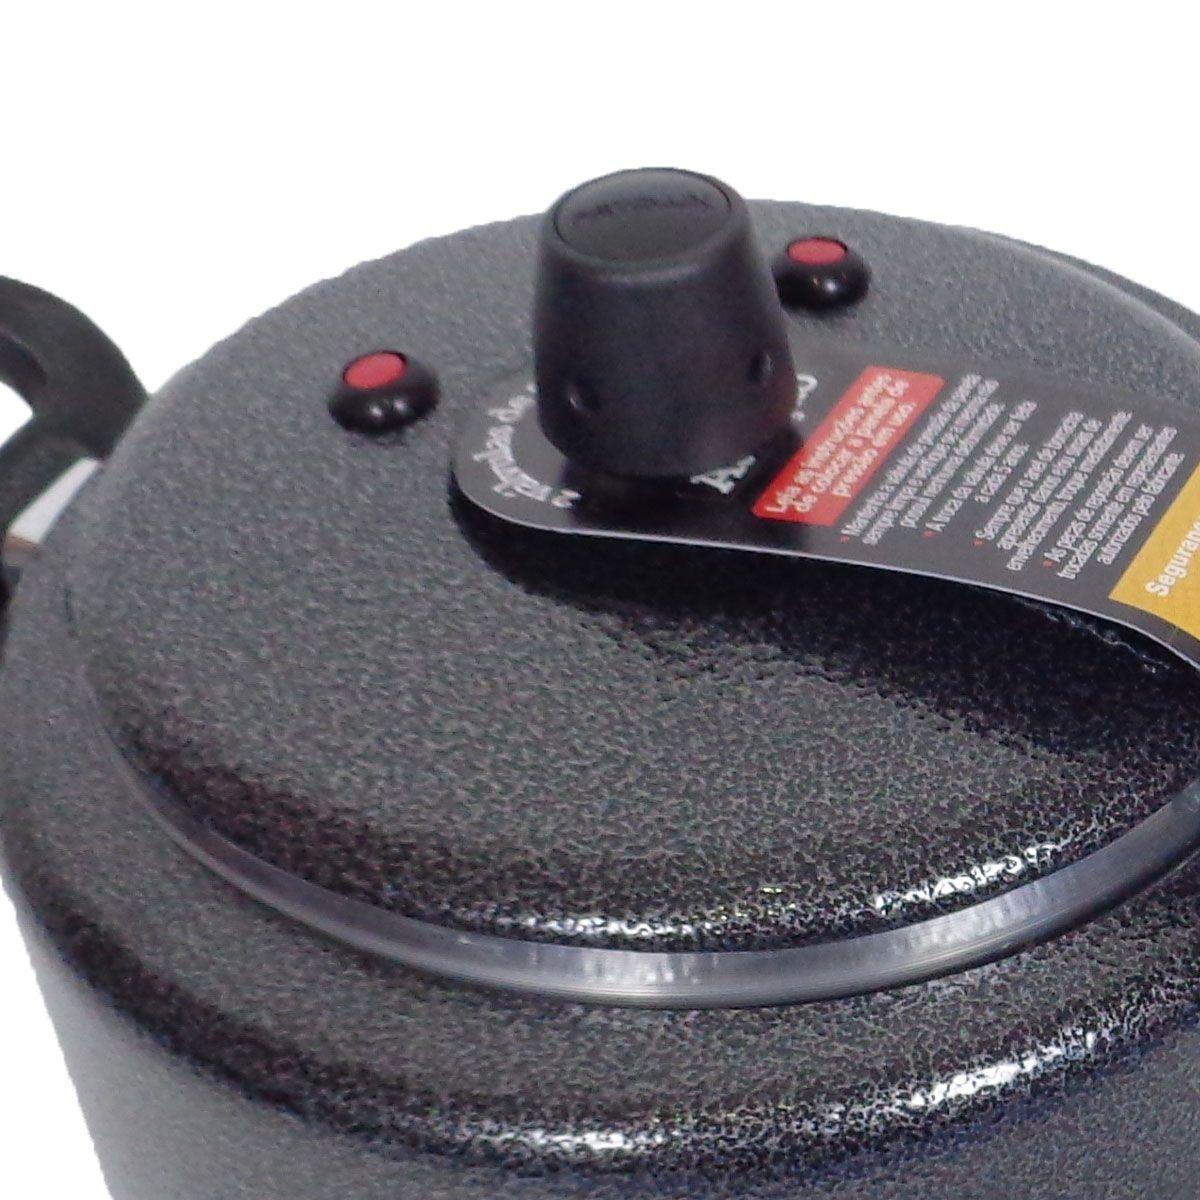 Panela De Pressão Preto Craquelado 5 Litros Reforçada 2 Válvulas segurança Patolux